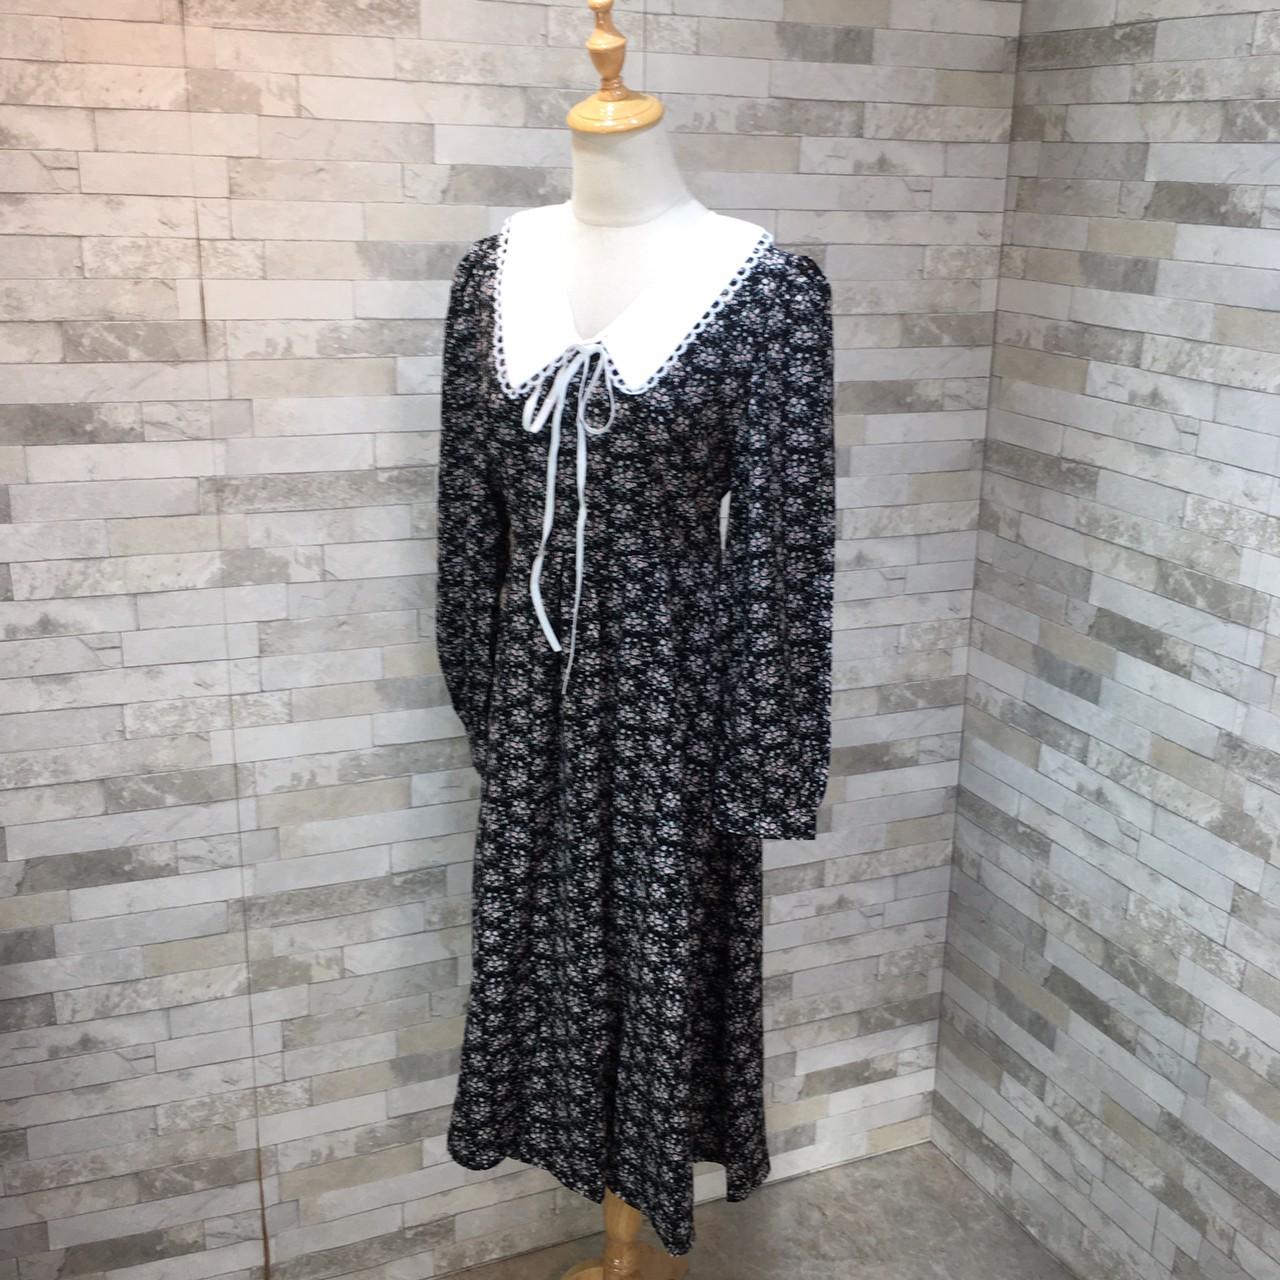 韓国 ファッション ワンピース 春 夏 秋 カジュアル PTXJ677  ティペット風 パフスリーブ ゆったり Aライン オルチャン シンプル 定番 セレカジの写真5枚目